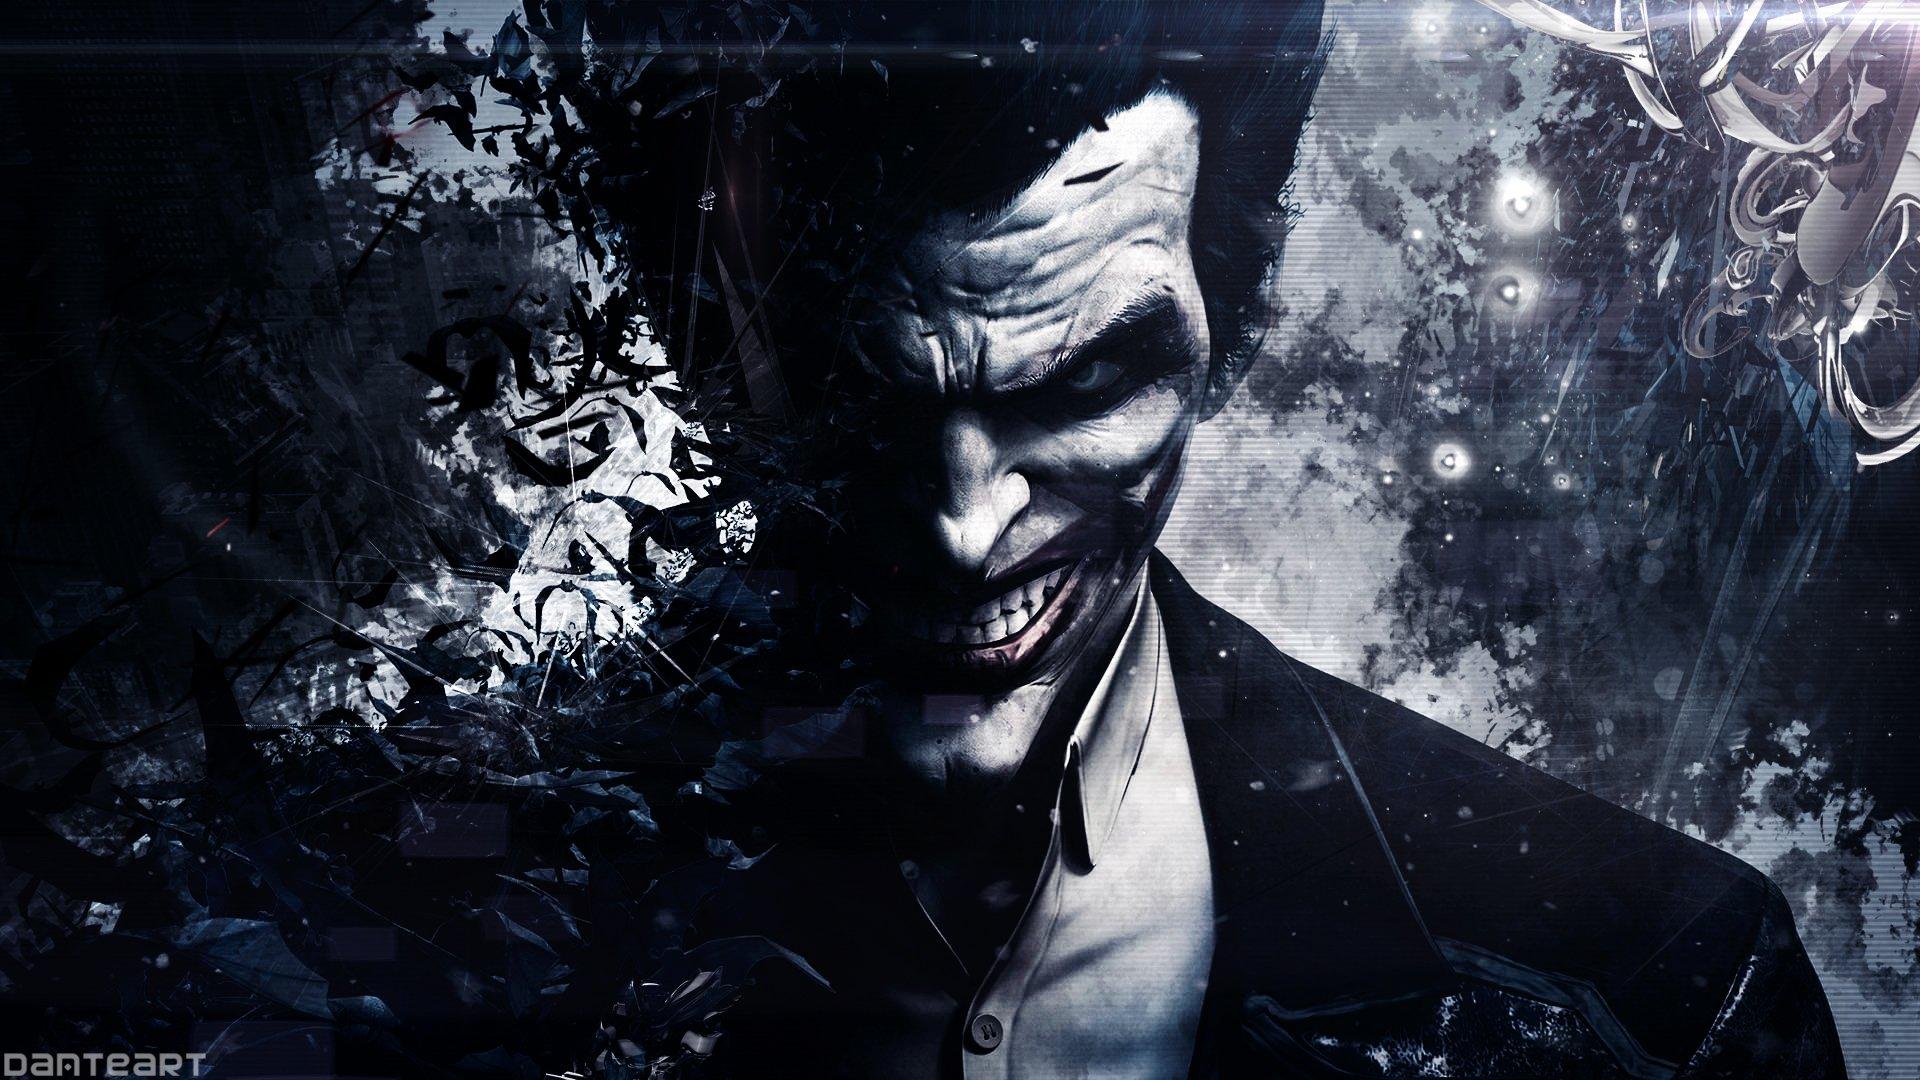 Hd wallpaper joker - Wallpaper Batman Joker Origins Arkham Art D6runzh